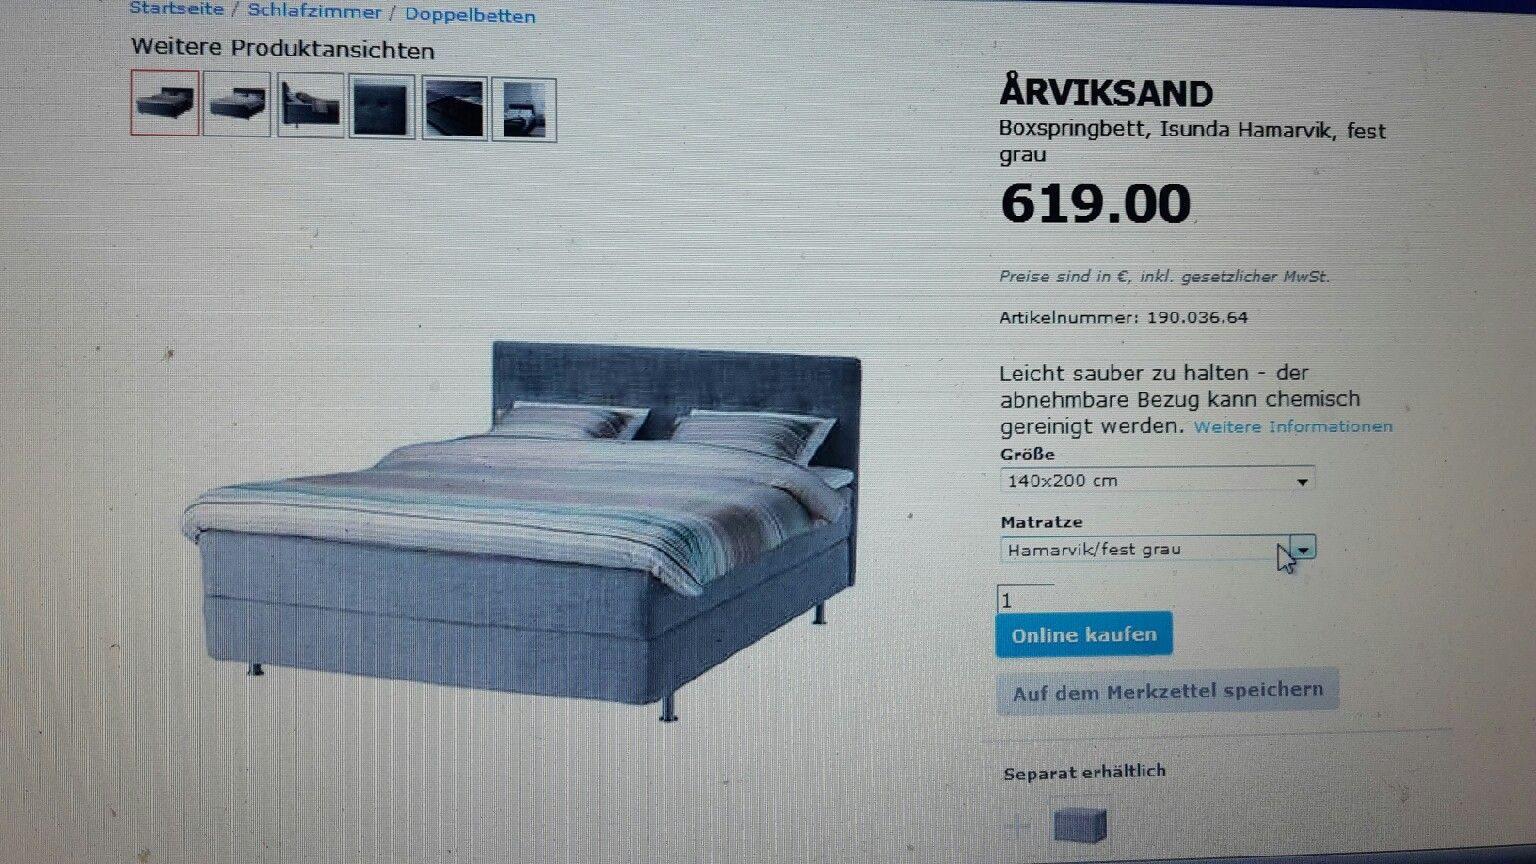 Full Size of 36 N5 Boxspring Bett Ikea Fhrung Moebel De Betten Ausstellungsstück Even Better Clinique Inkontinenzeinlagen 120 Günstig Kaufen Einbauküche 140x220 Sofa Wohnzimmer Jensen Bett Kaufen